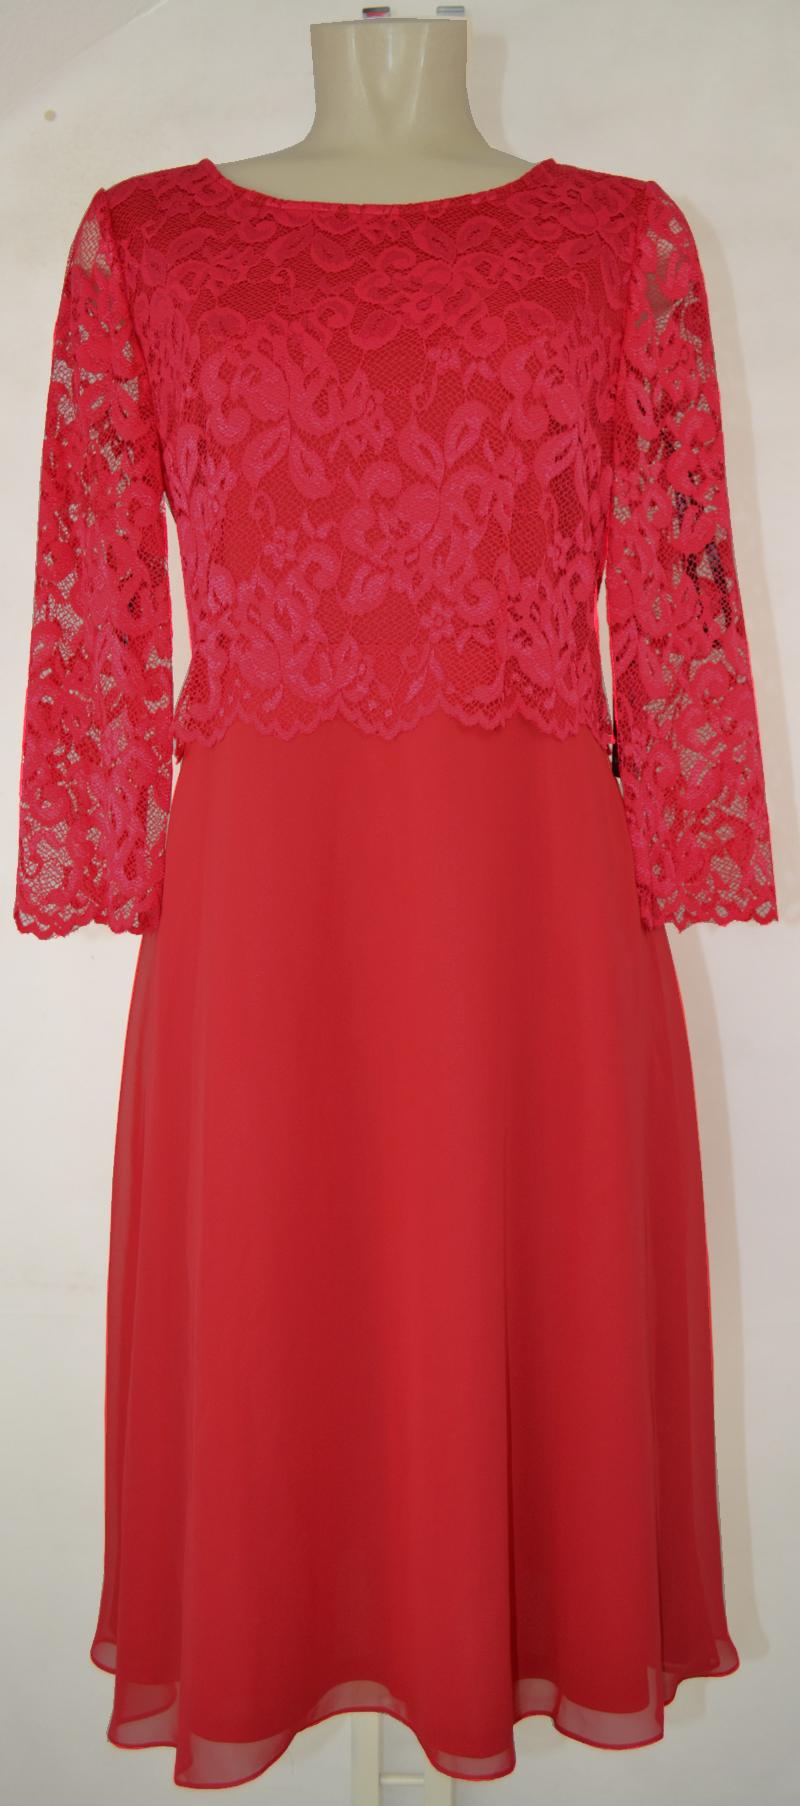 Mittellanges Abendkleid von Vera Mont mit Spitze in rot ...